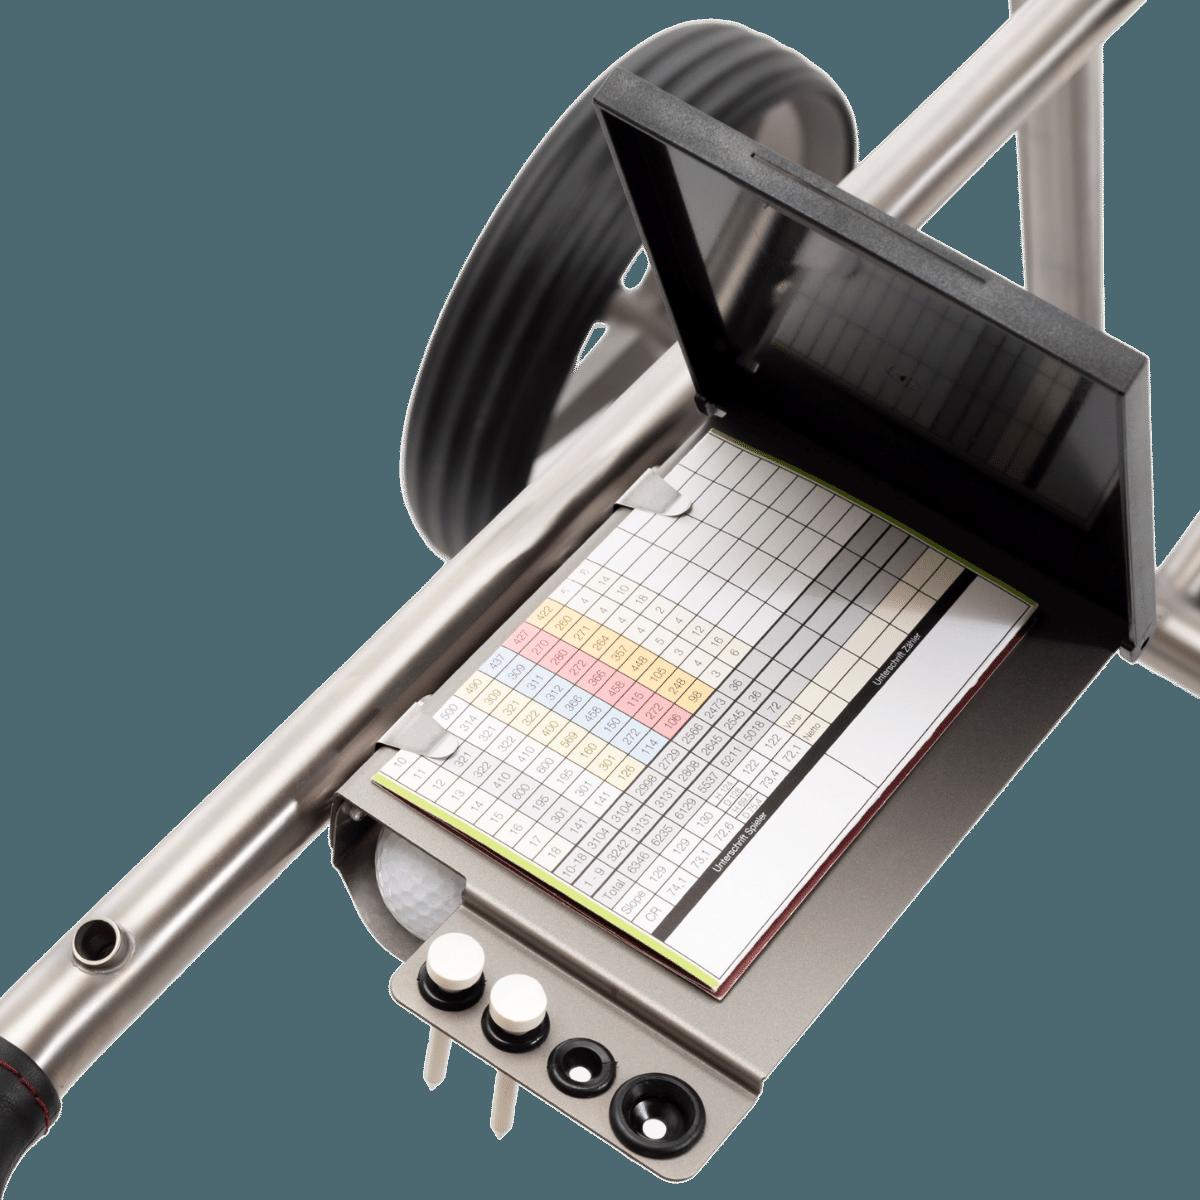 Scorekartenhalter (integriert)